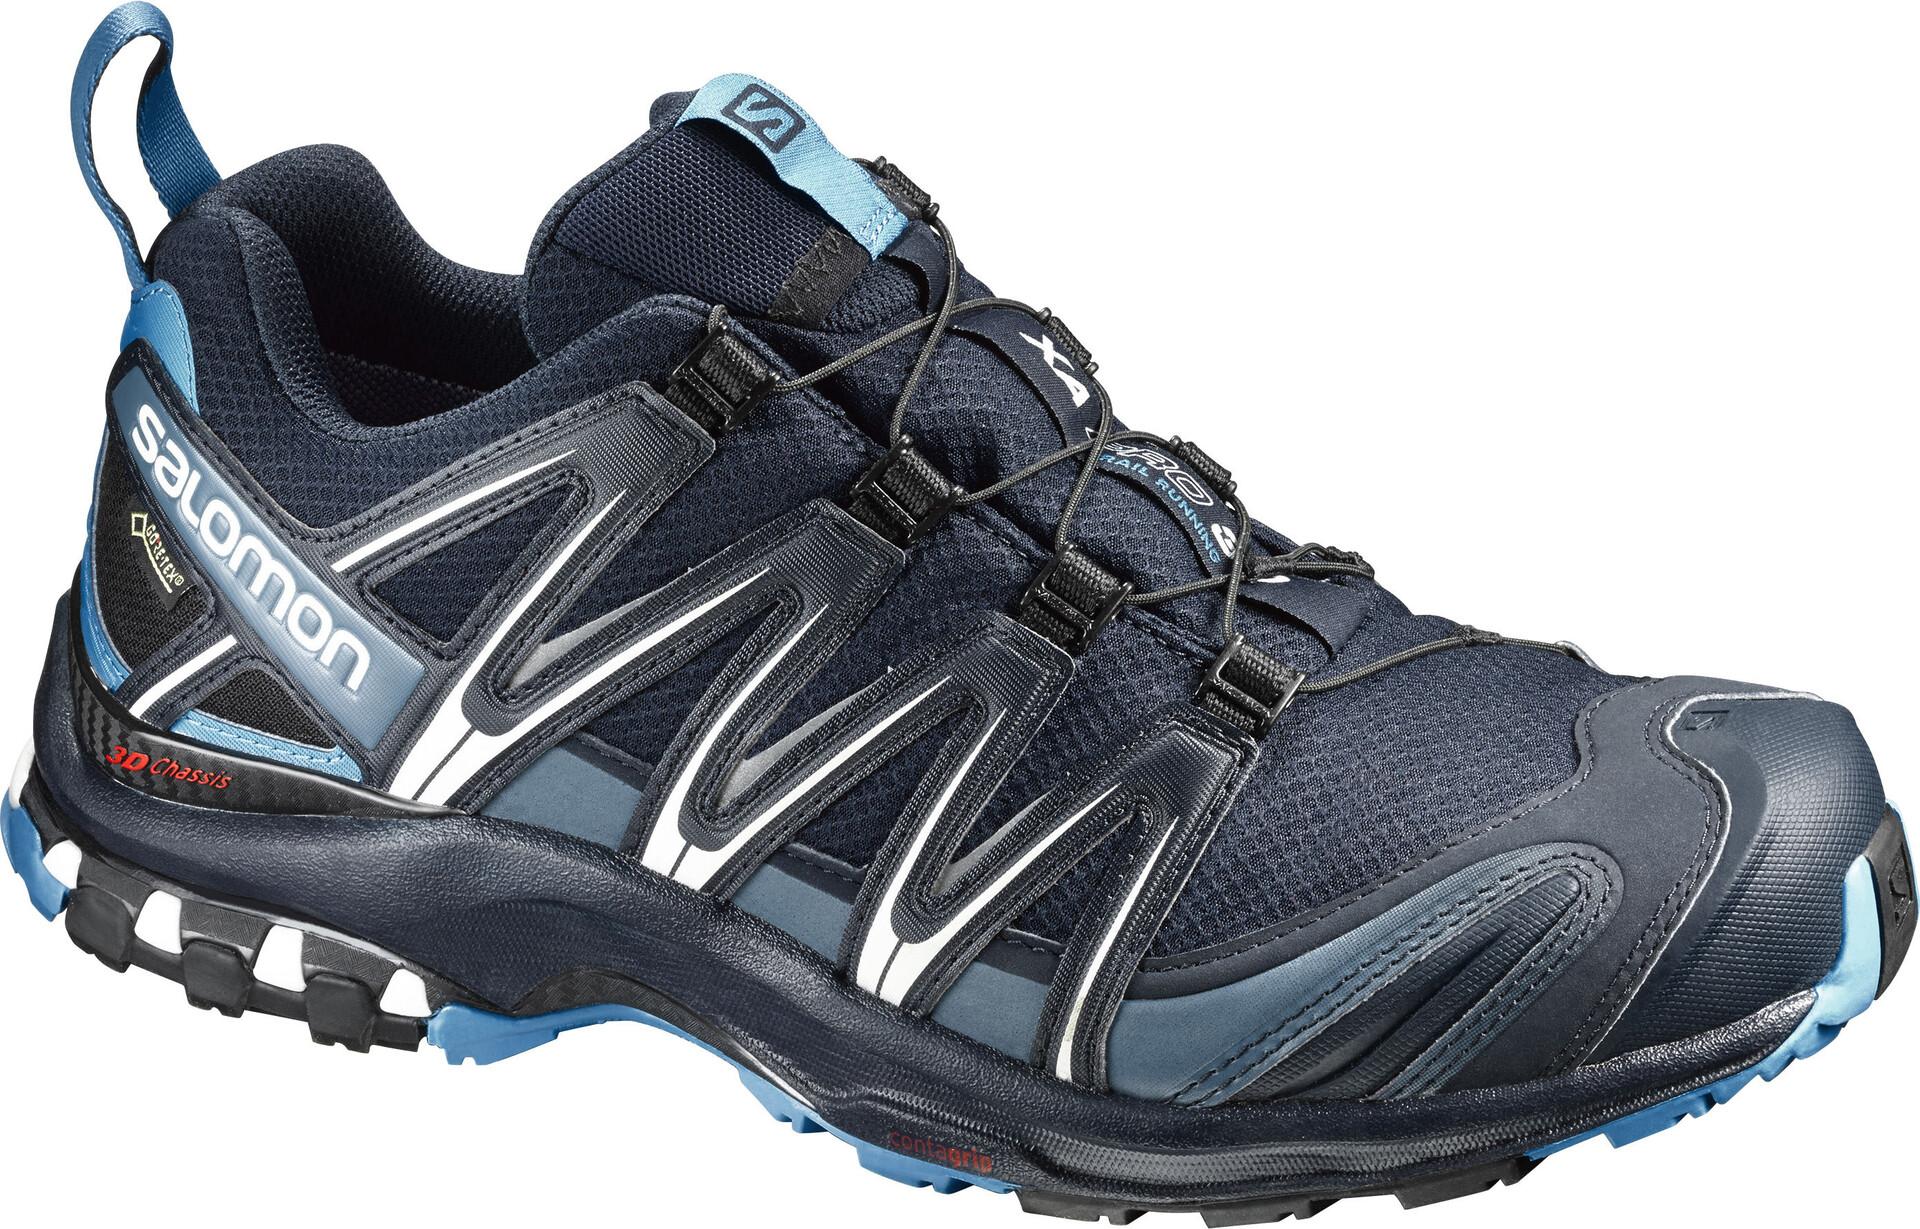 Bleu Pro Salomon 3d Chaussures Gtx Running Sur Homme Xa Campz xodCBre